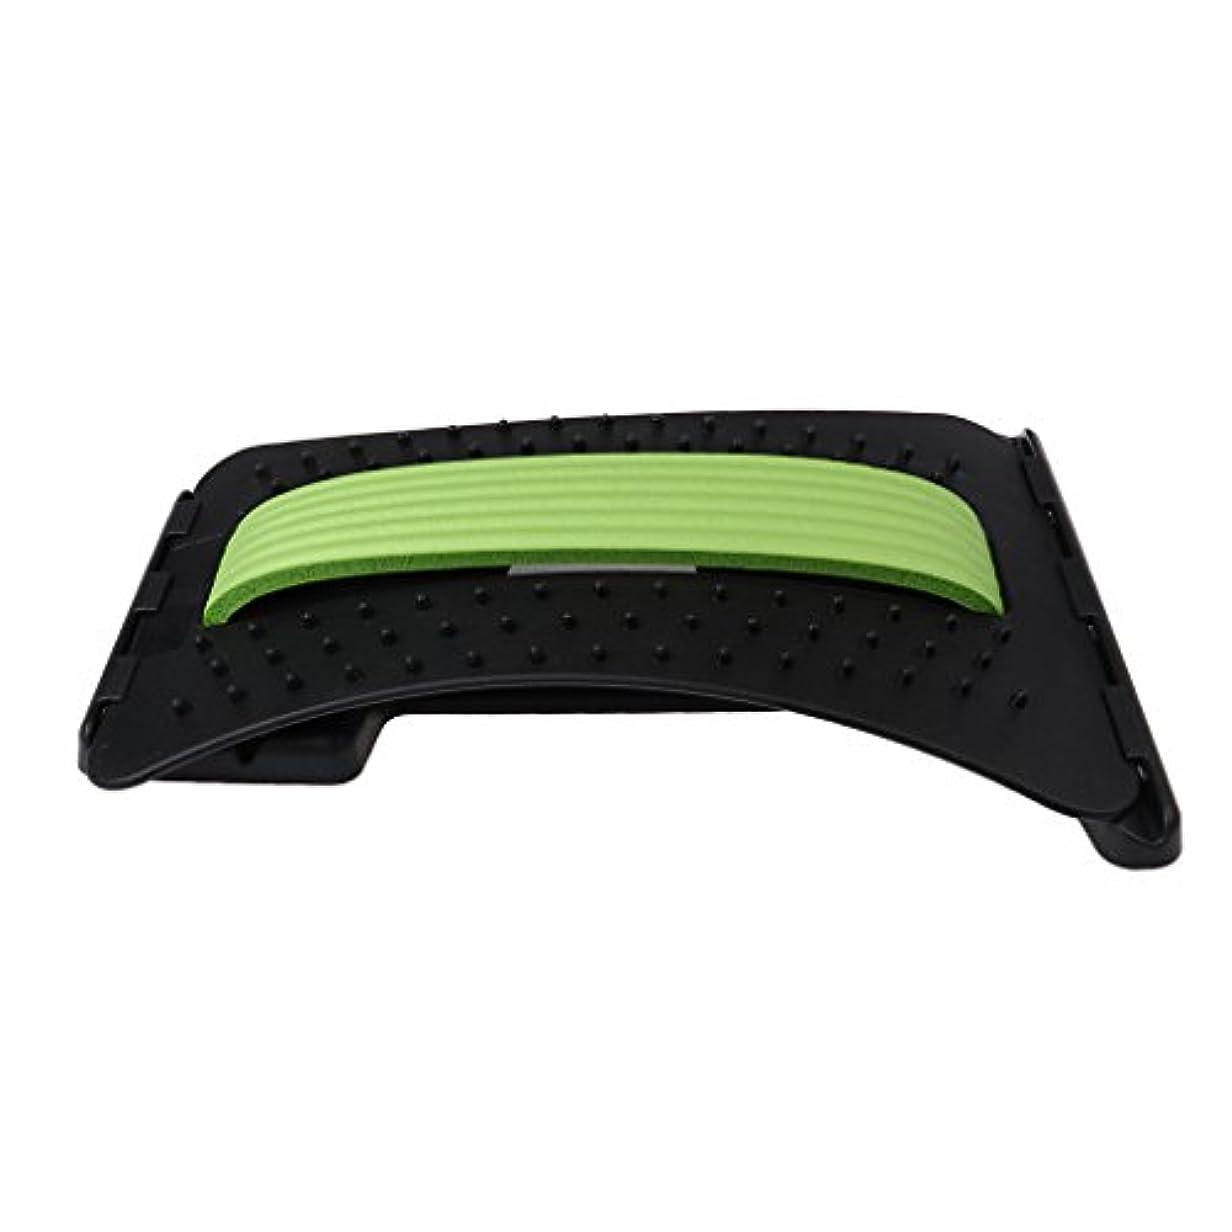 きょうだい変換レタッチKesoto バックストレッチャー ABS製 リラックス ストレス解消 3色選べる - 緑